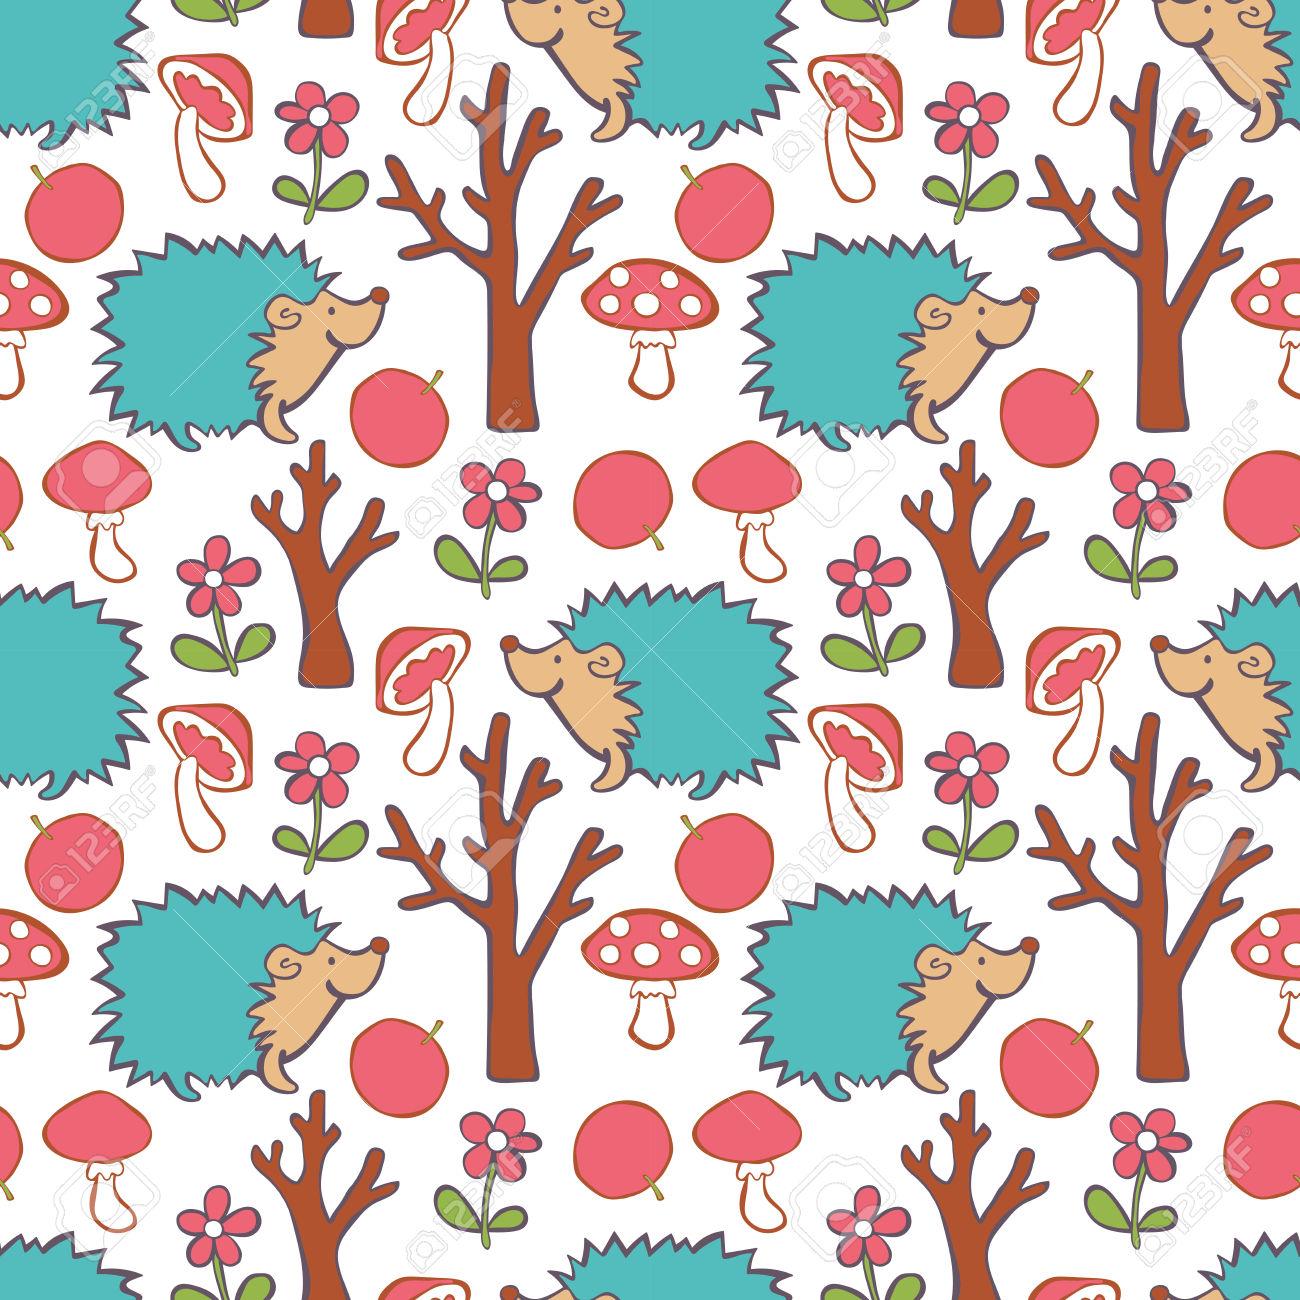 Hedgehog, Red Apple, Flower, Tree, Mushroom.